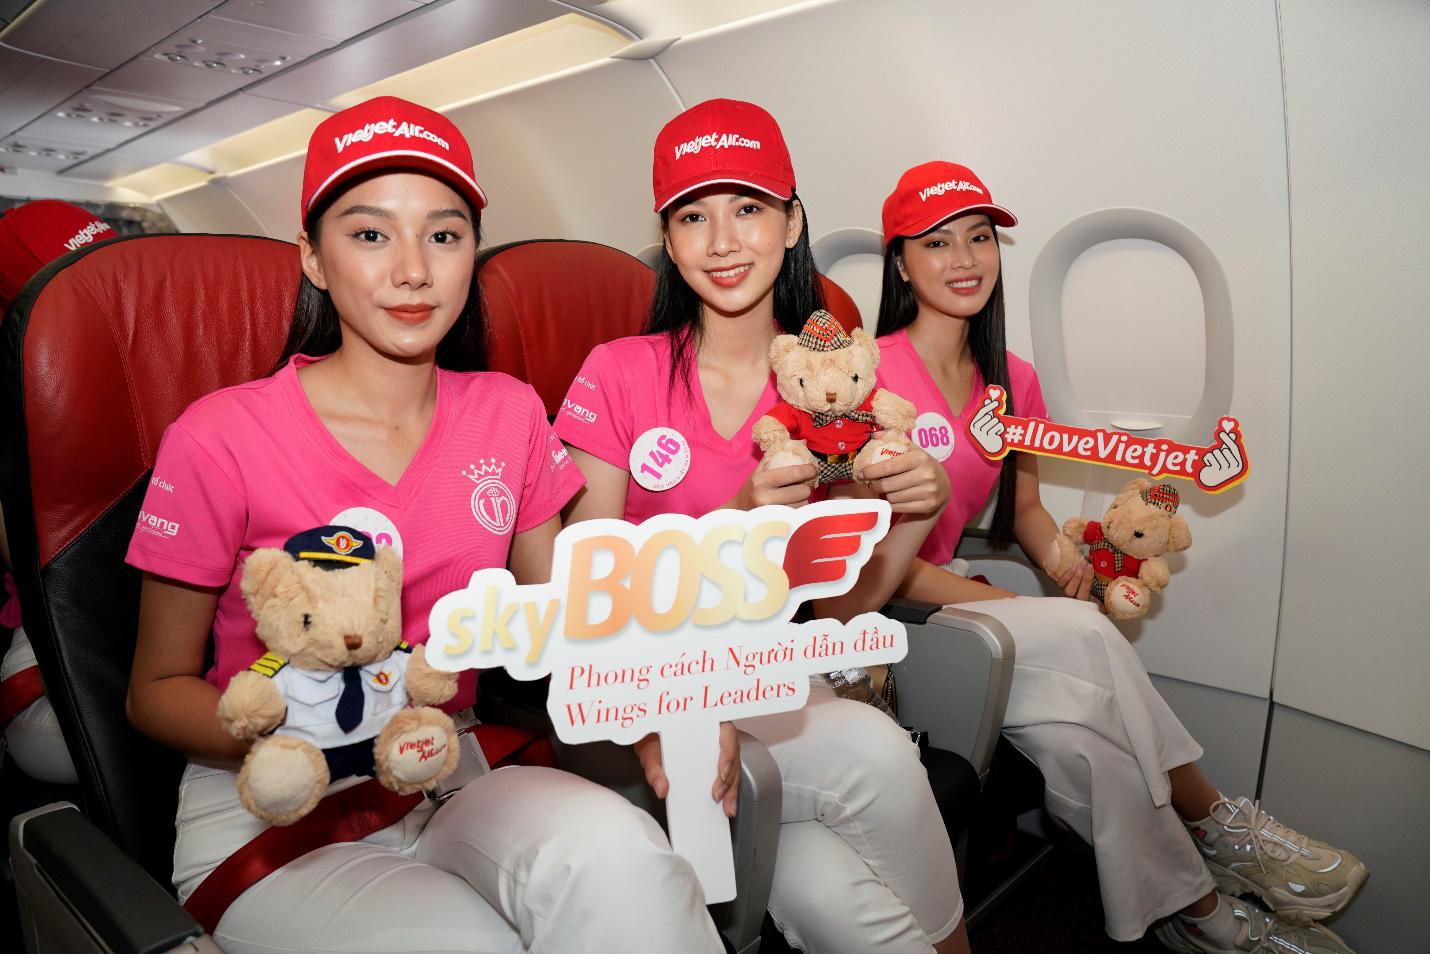 Dàn thí sinh xuất sắc vòng Chung kết Hoa hậu Việt Nam 2020 lên đường thực hiện nhiệm vụ nhân ái - Ảnh 10.